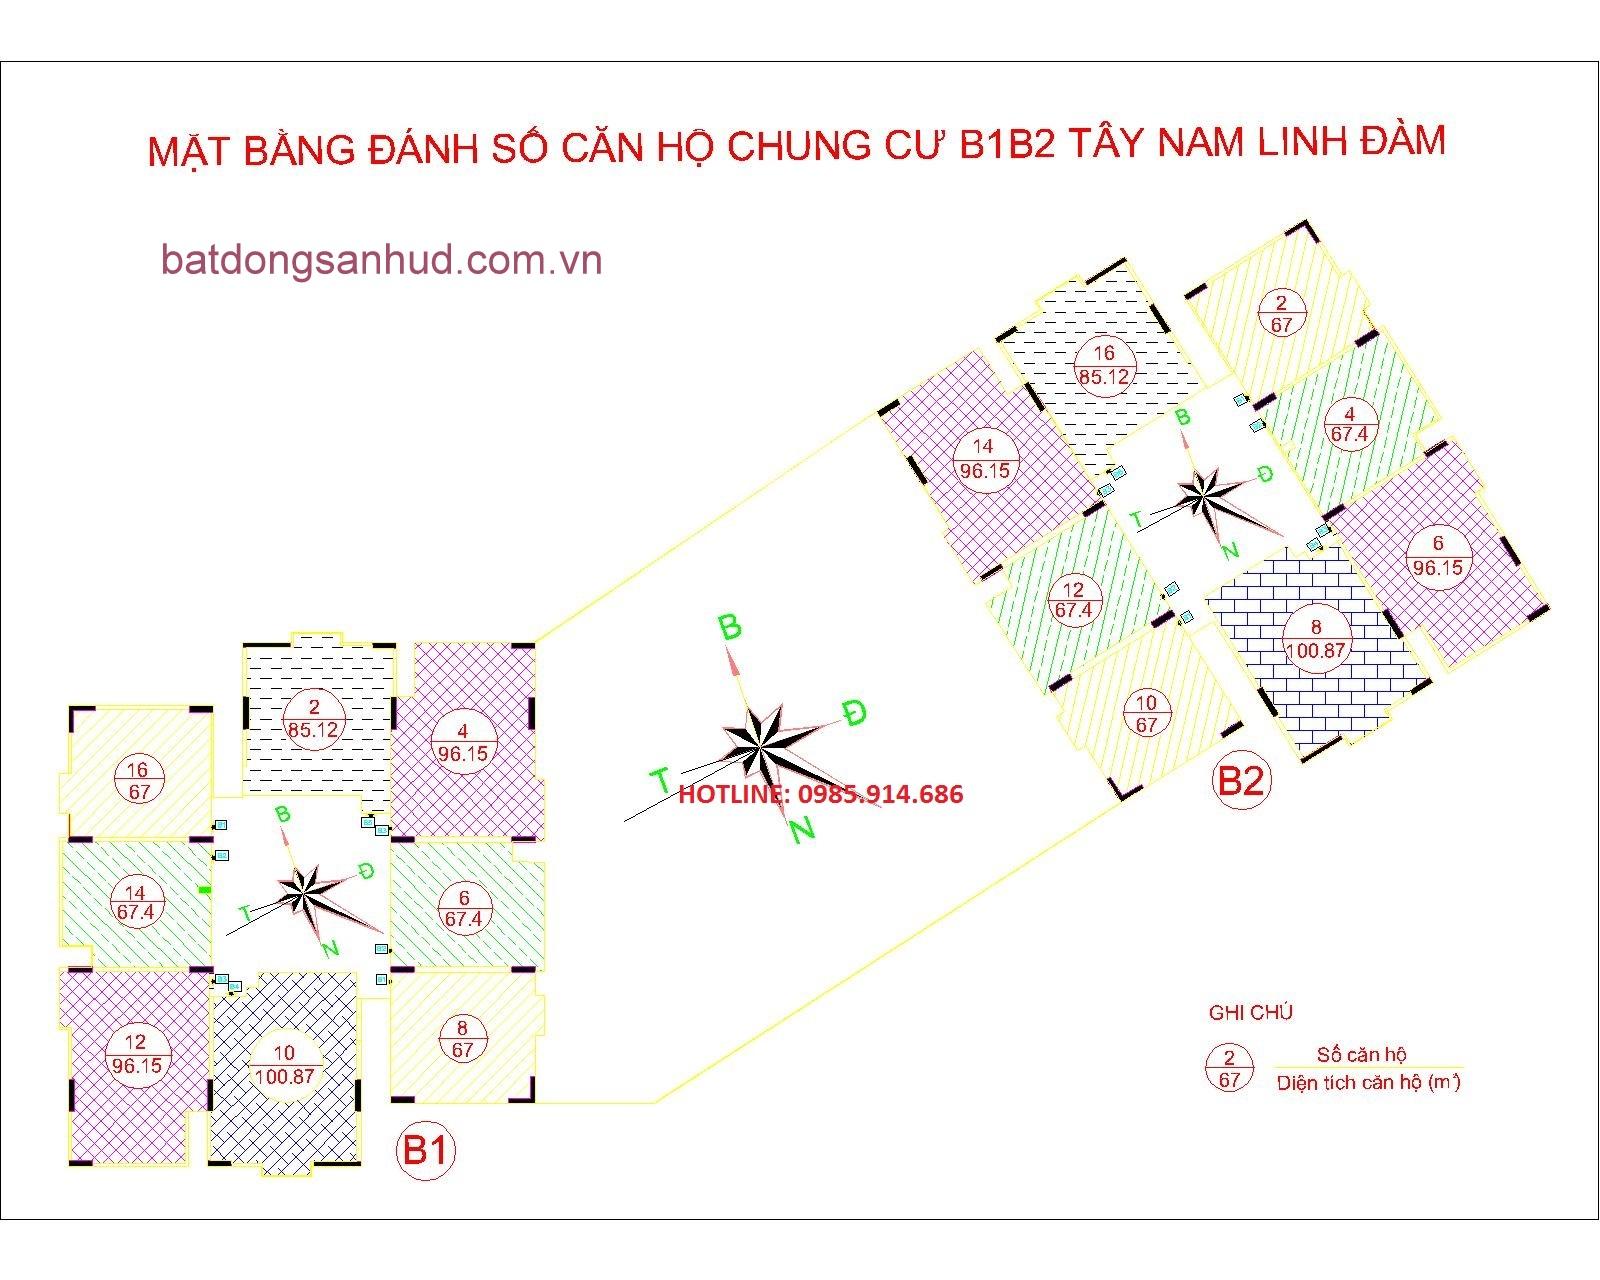 chung cư b1b2 tây nam linh đàm